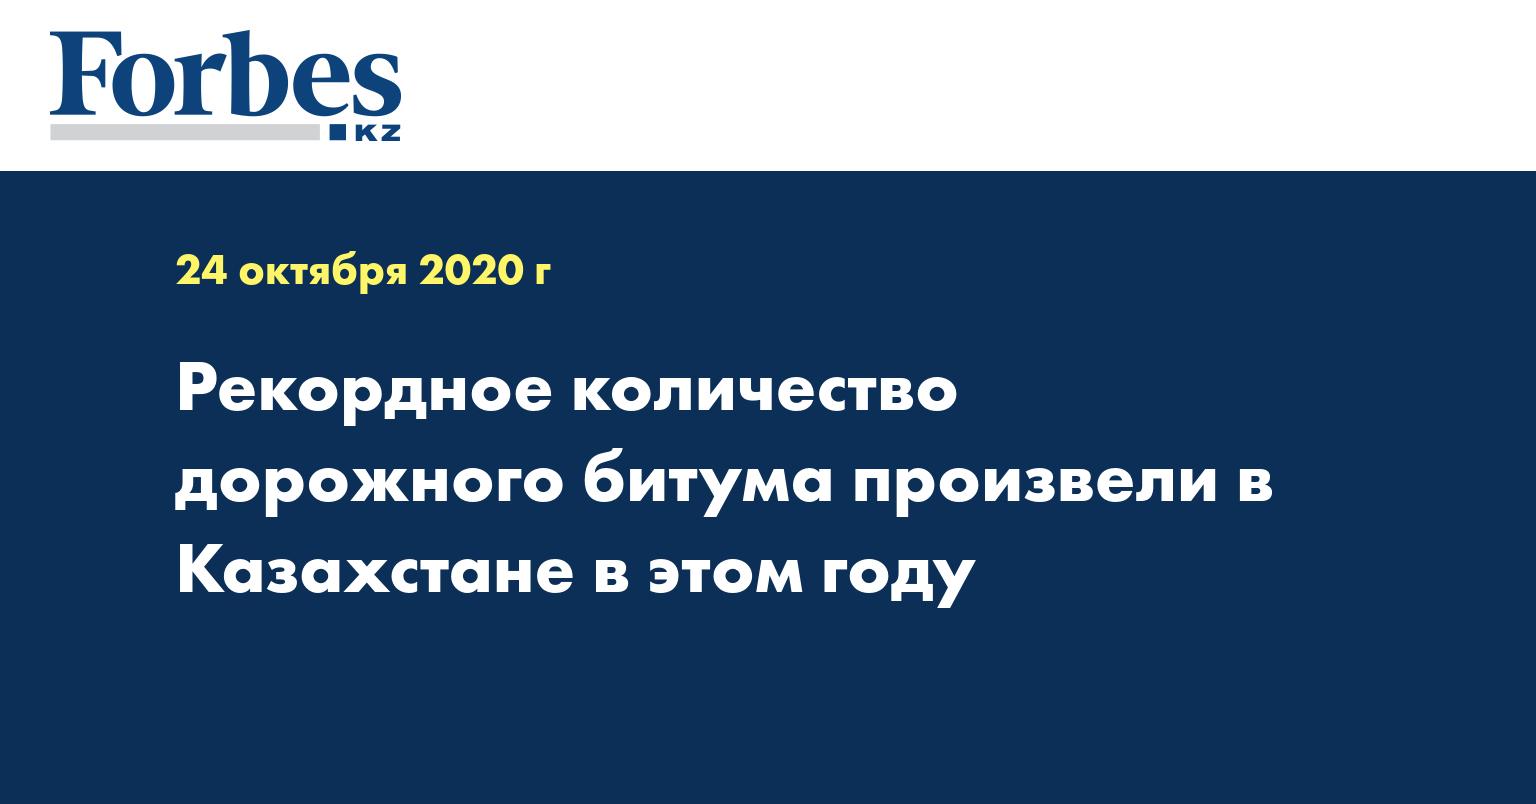 Рекордное количество дорожного битума произвели в Казахстане в этом году